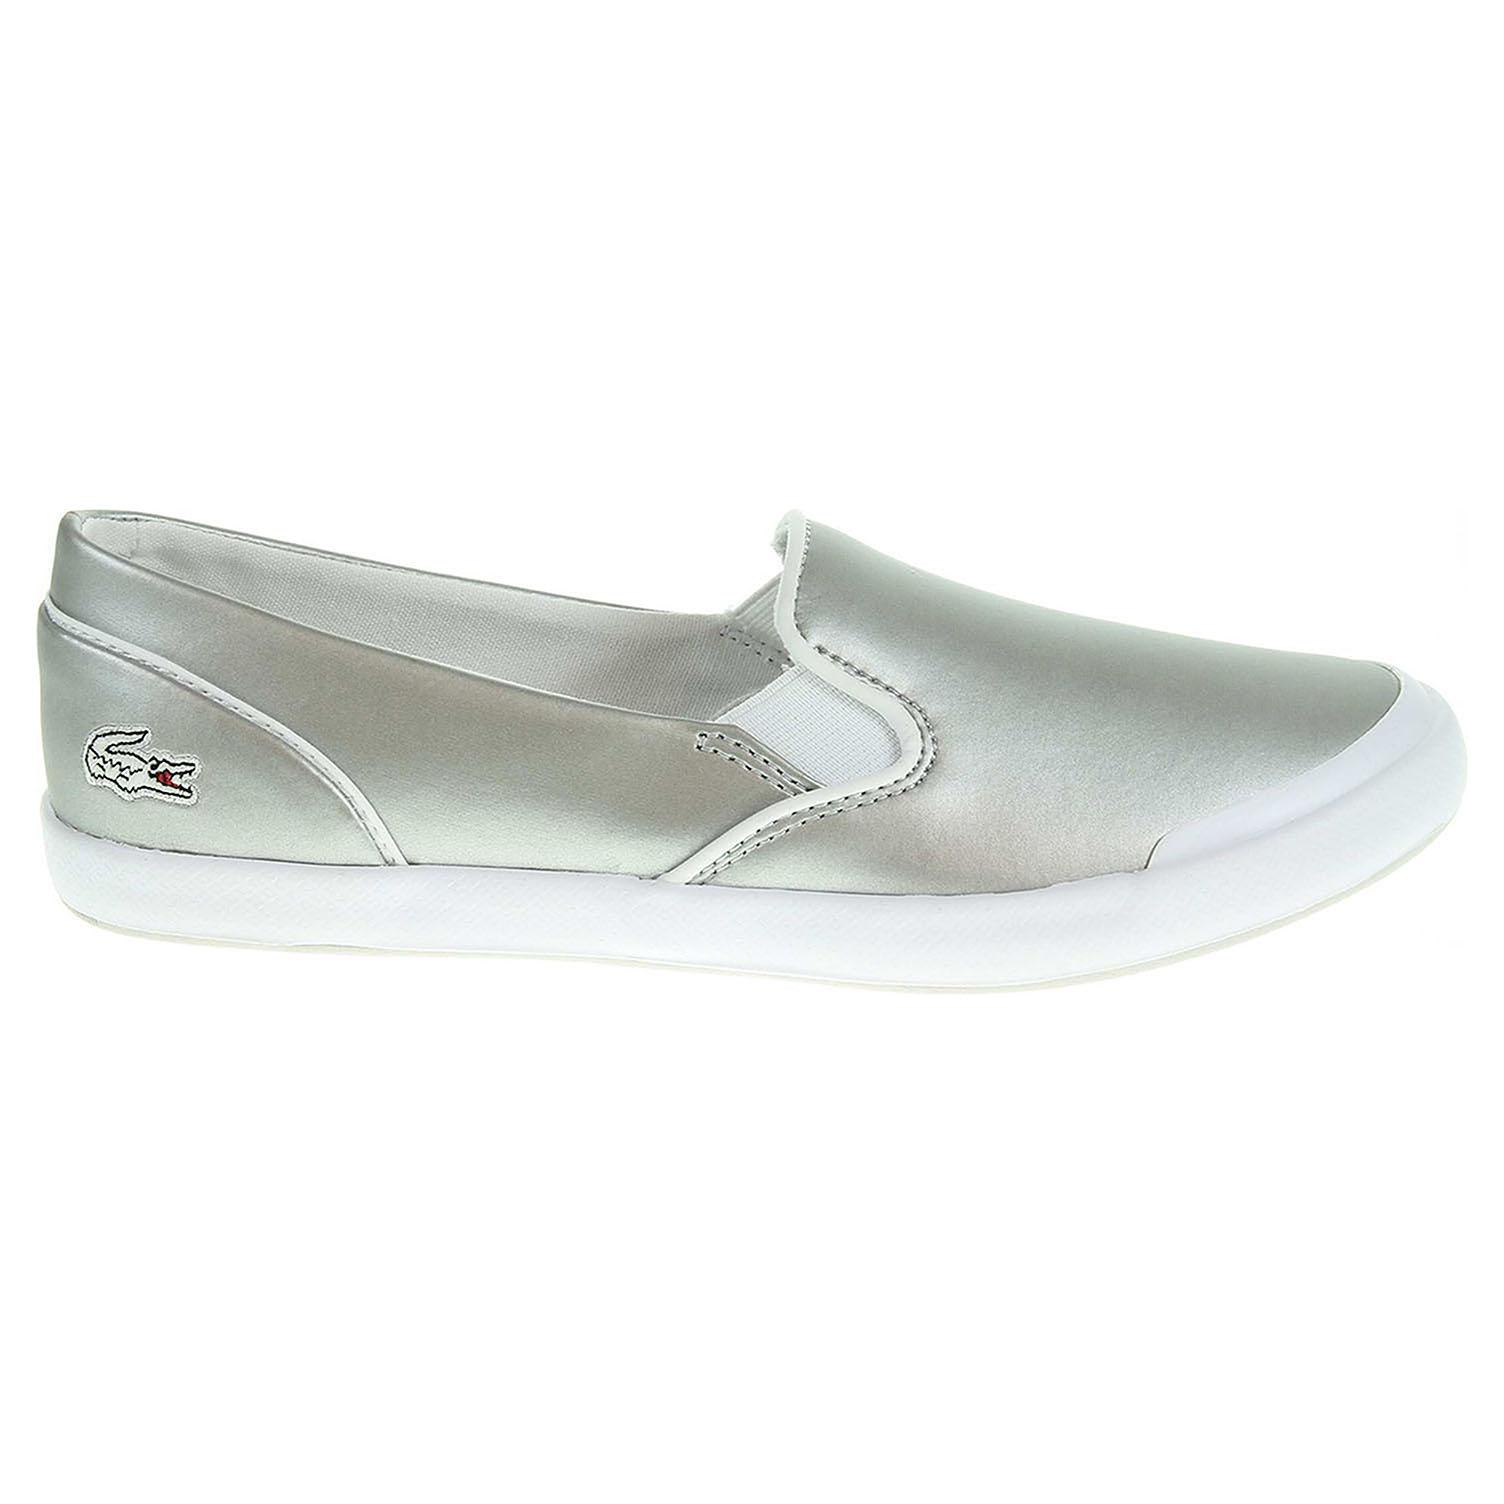 Ecco Lacoste Lancelle Slip-On dámská obuv stříbrná 23000815 3423f955947